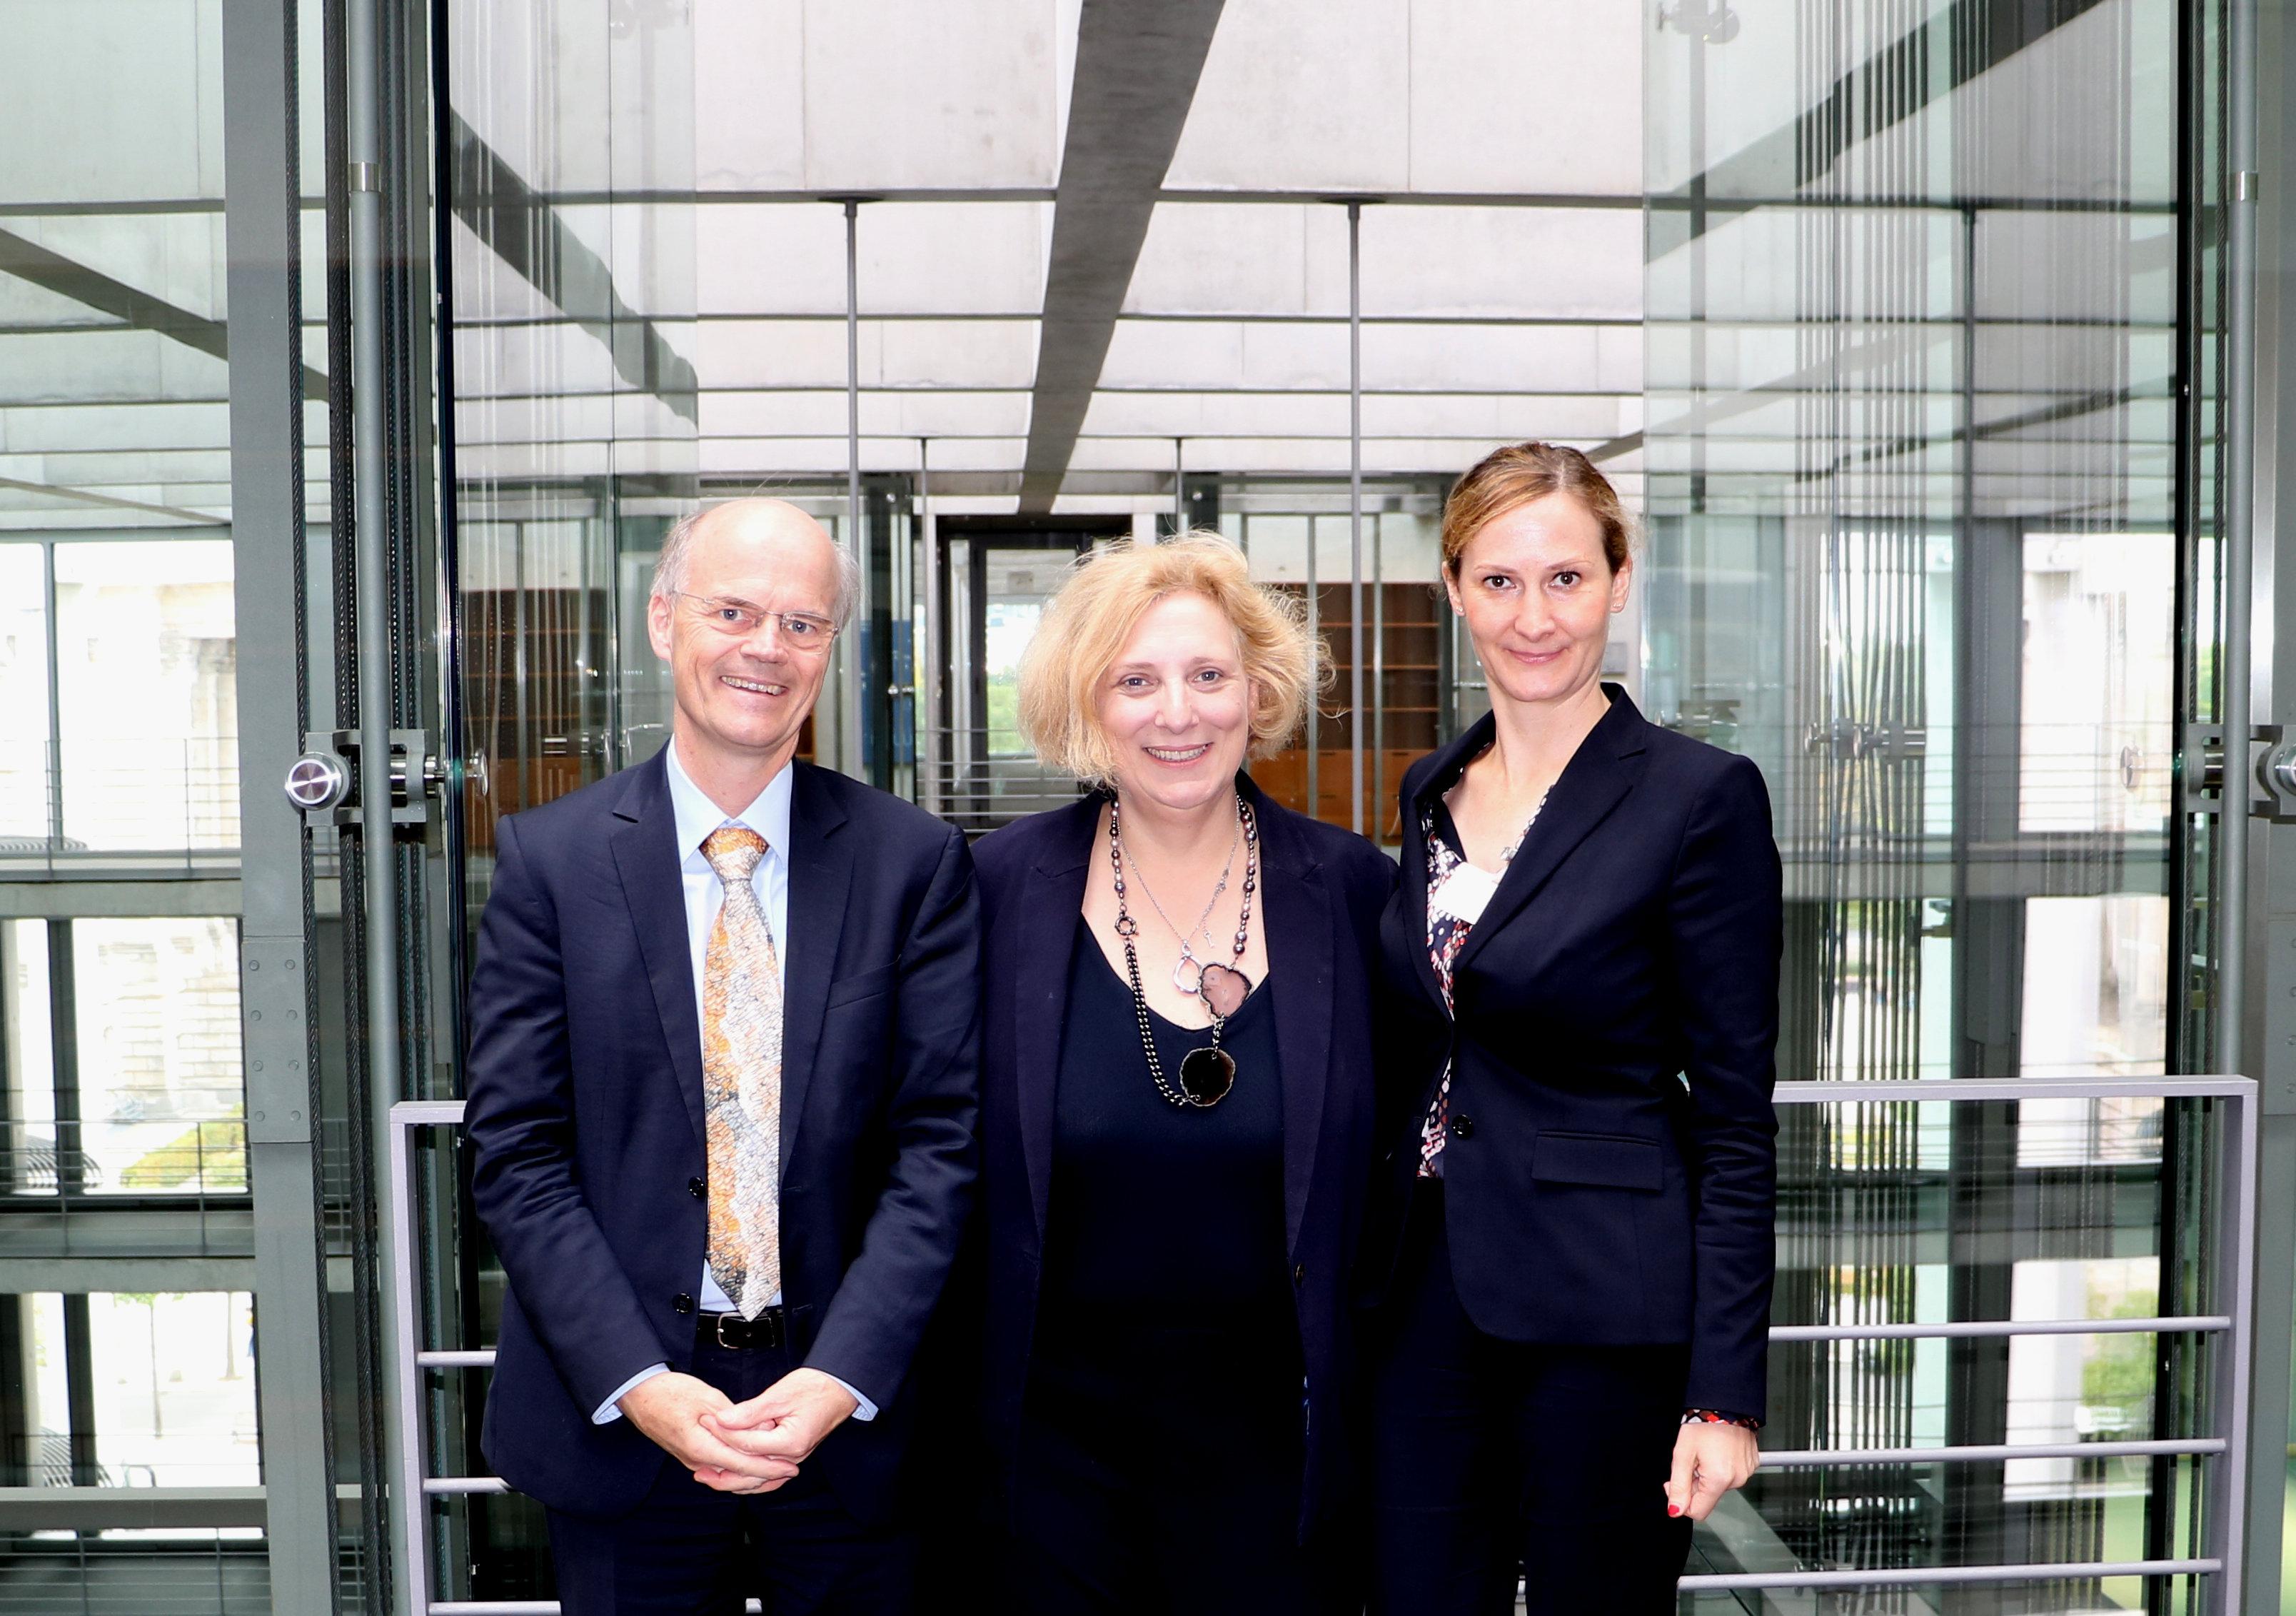 Dr. Enno Aufderheide, Dr. Daniela De Ridder und Dr. Judith Wellen